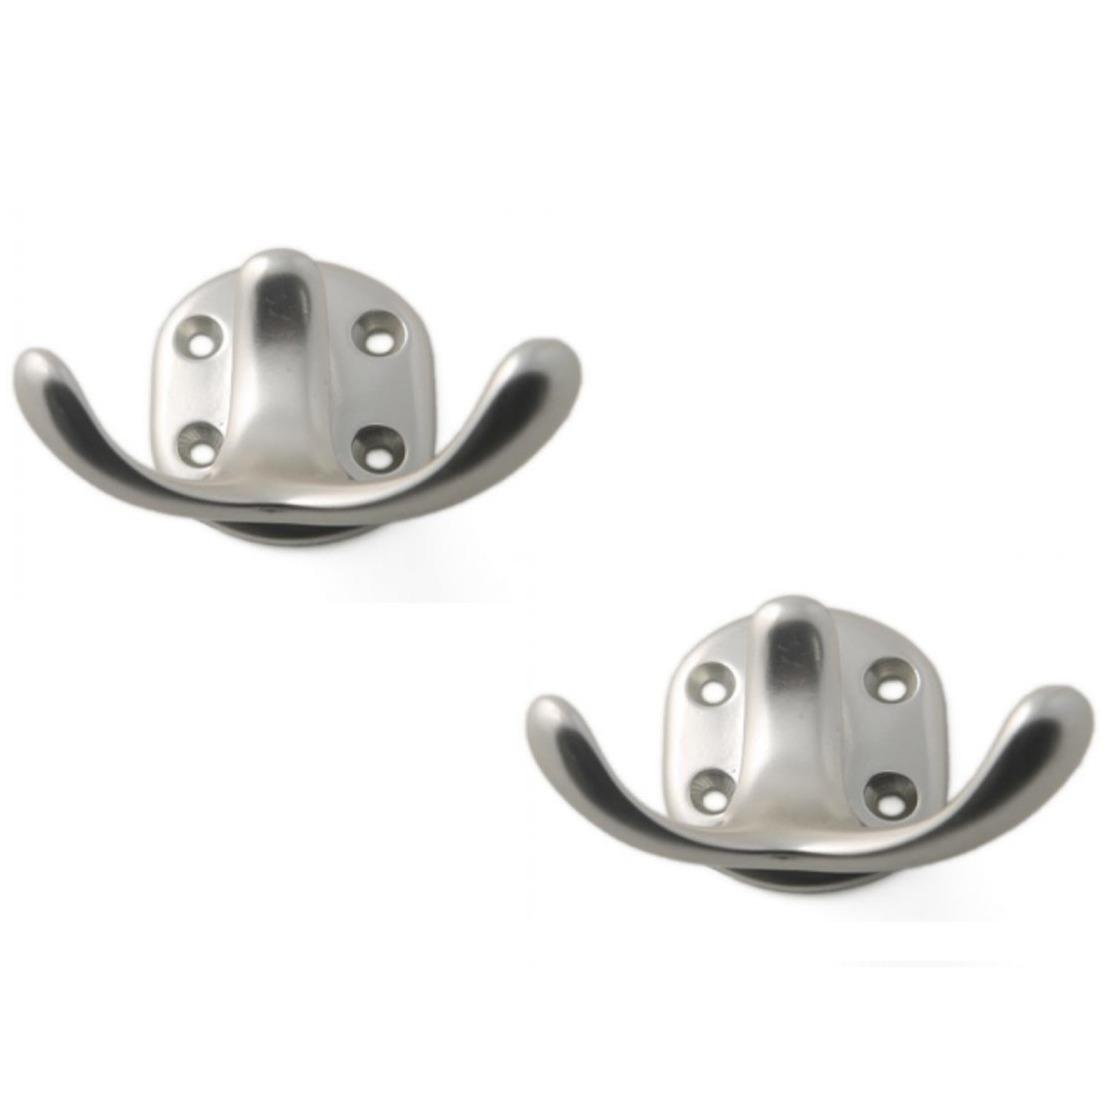 4x Zilverkleurig antieke garderobe haakjes-jashaken-kapstokhaakjes aluminium dubbele haak 5 x 7 cm